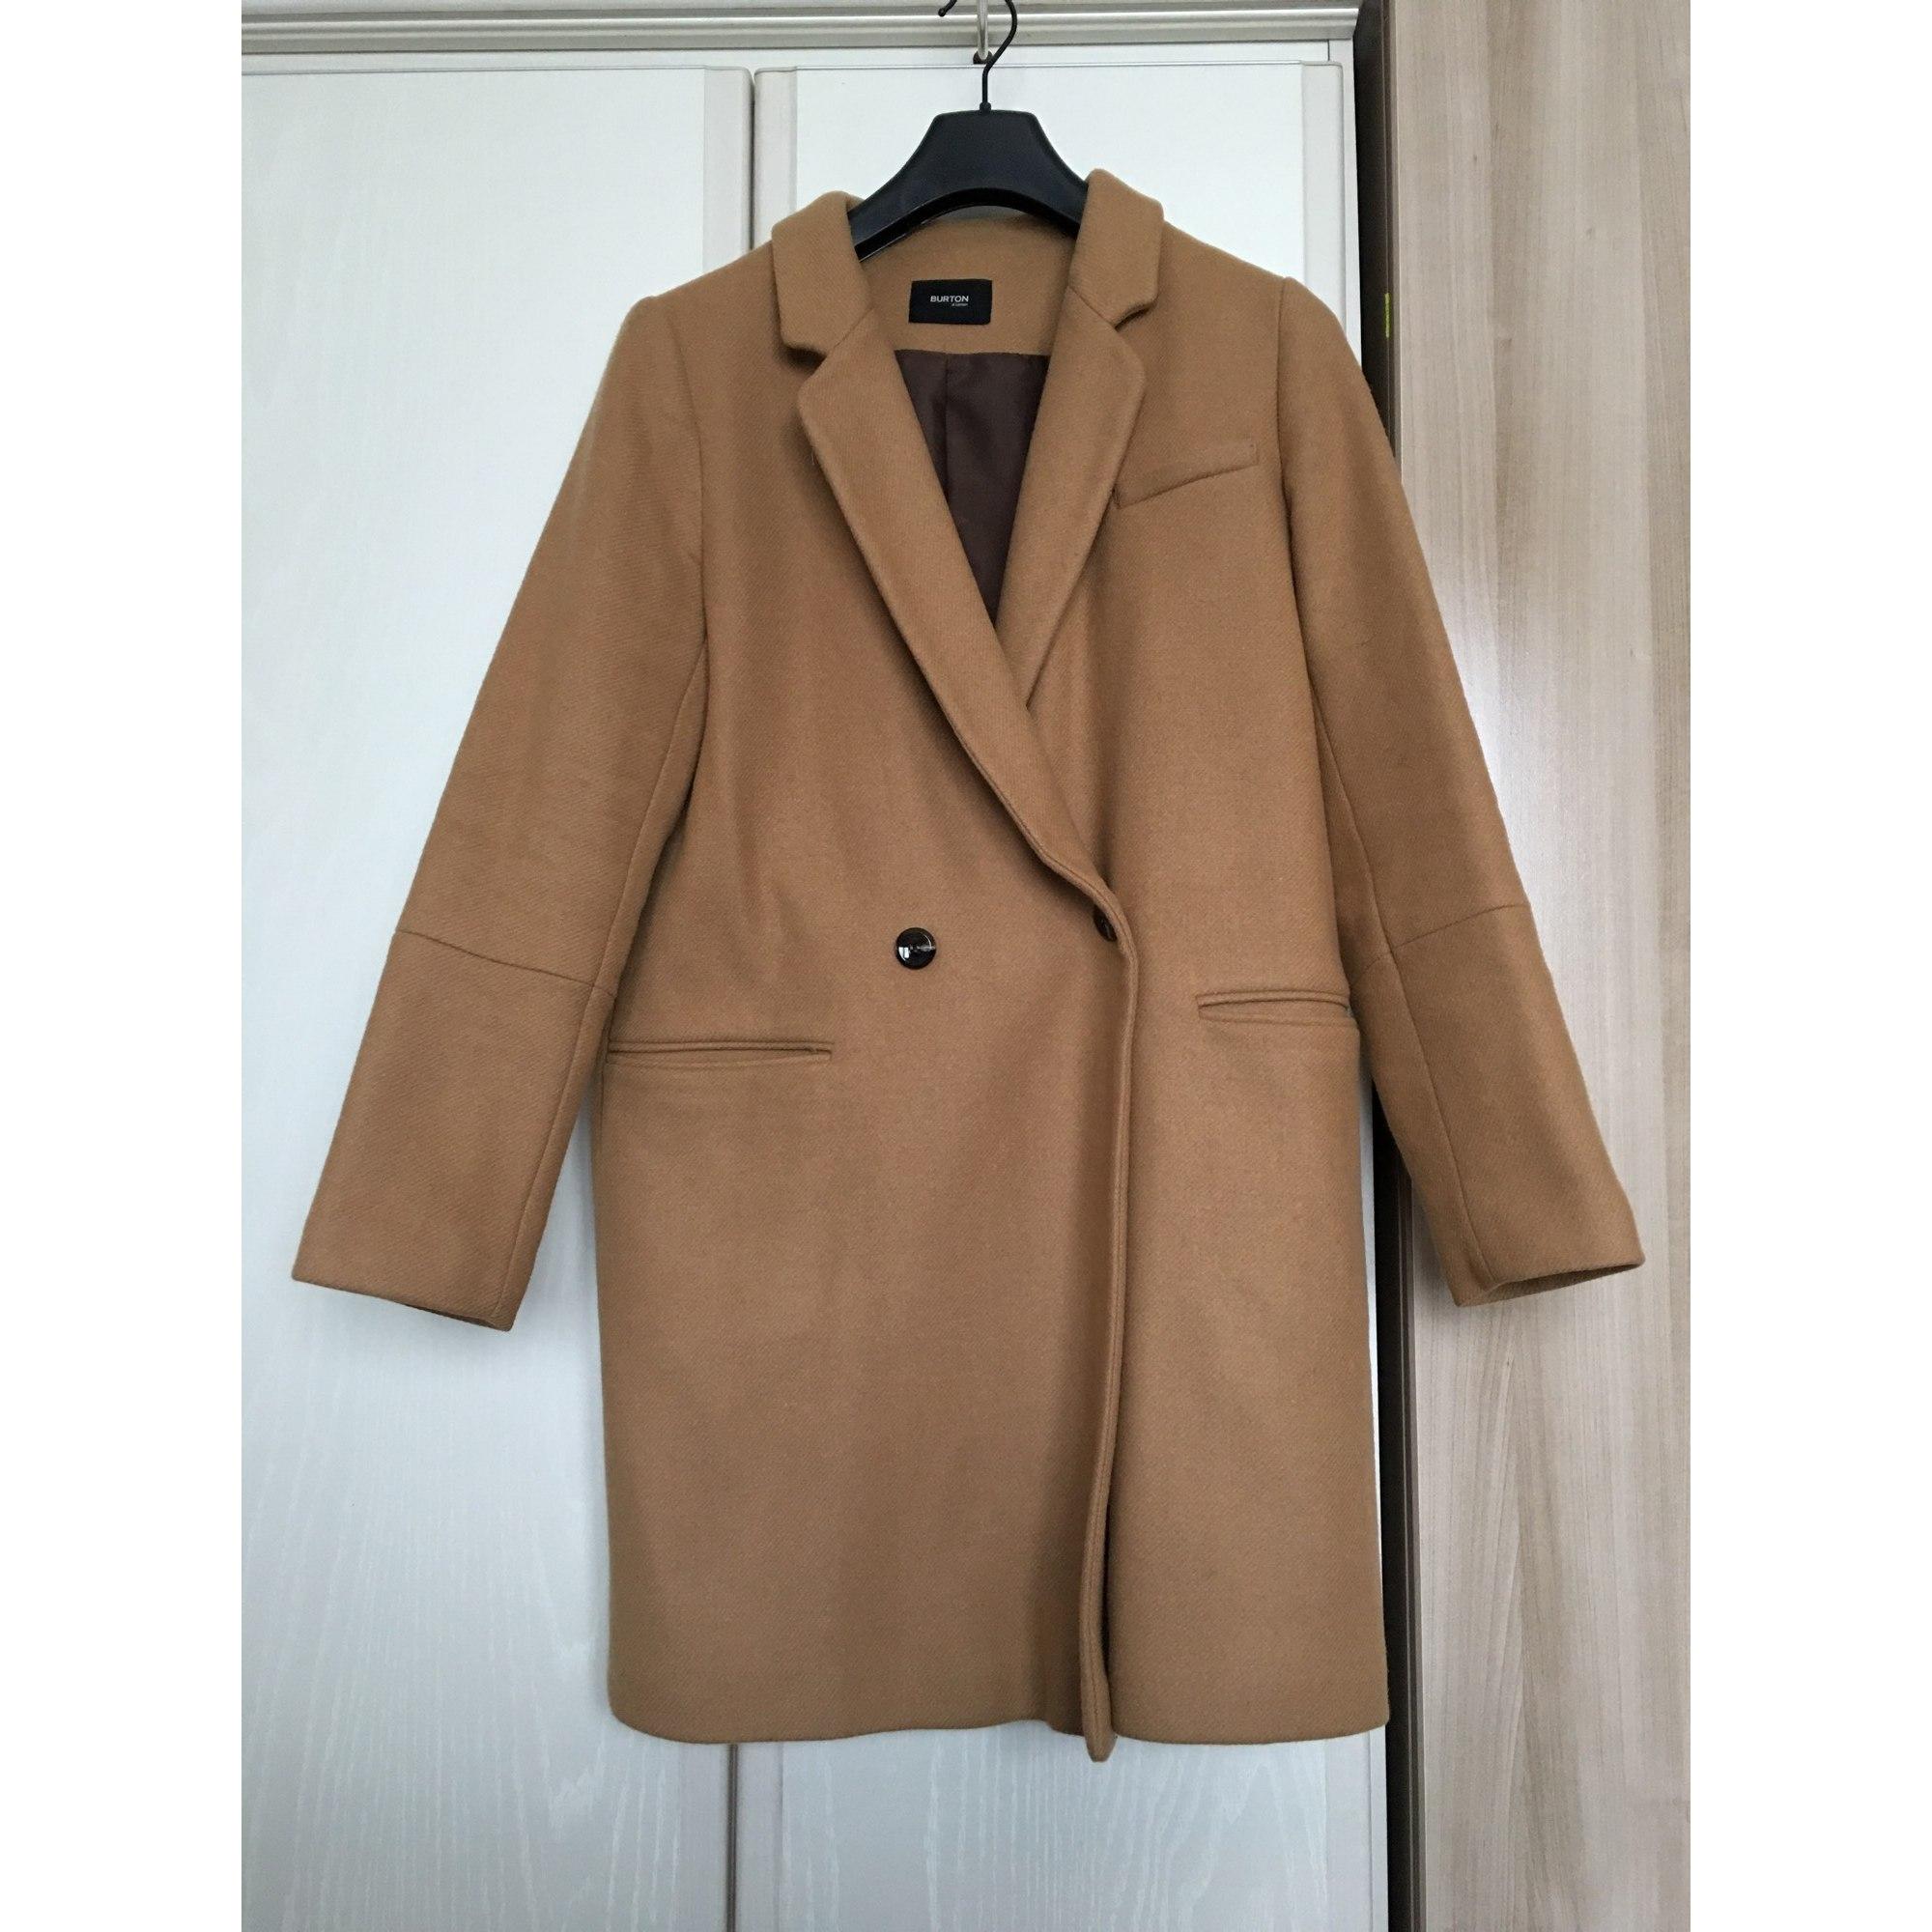 manteaux femme burton